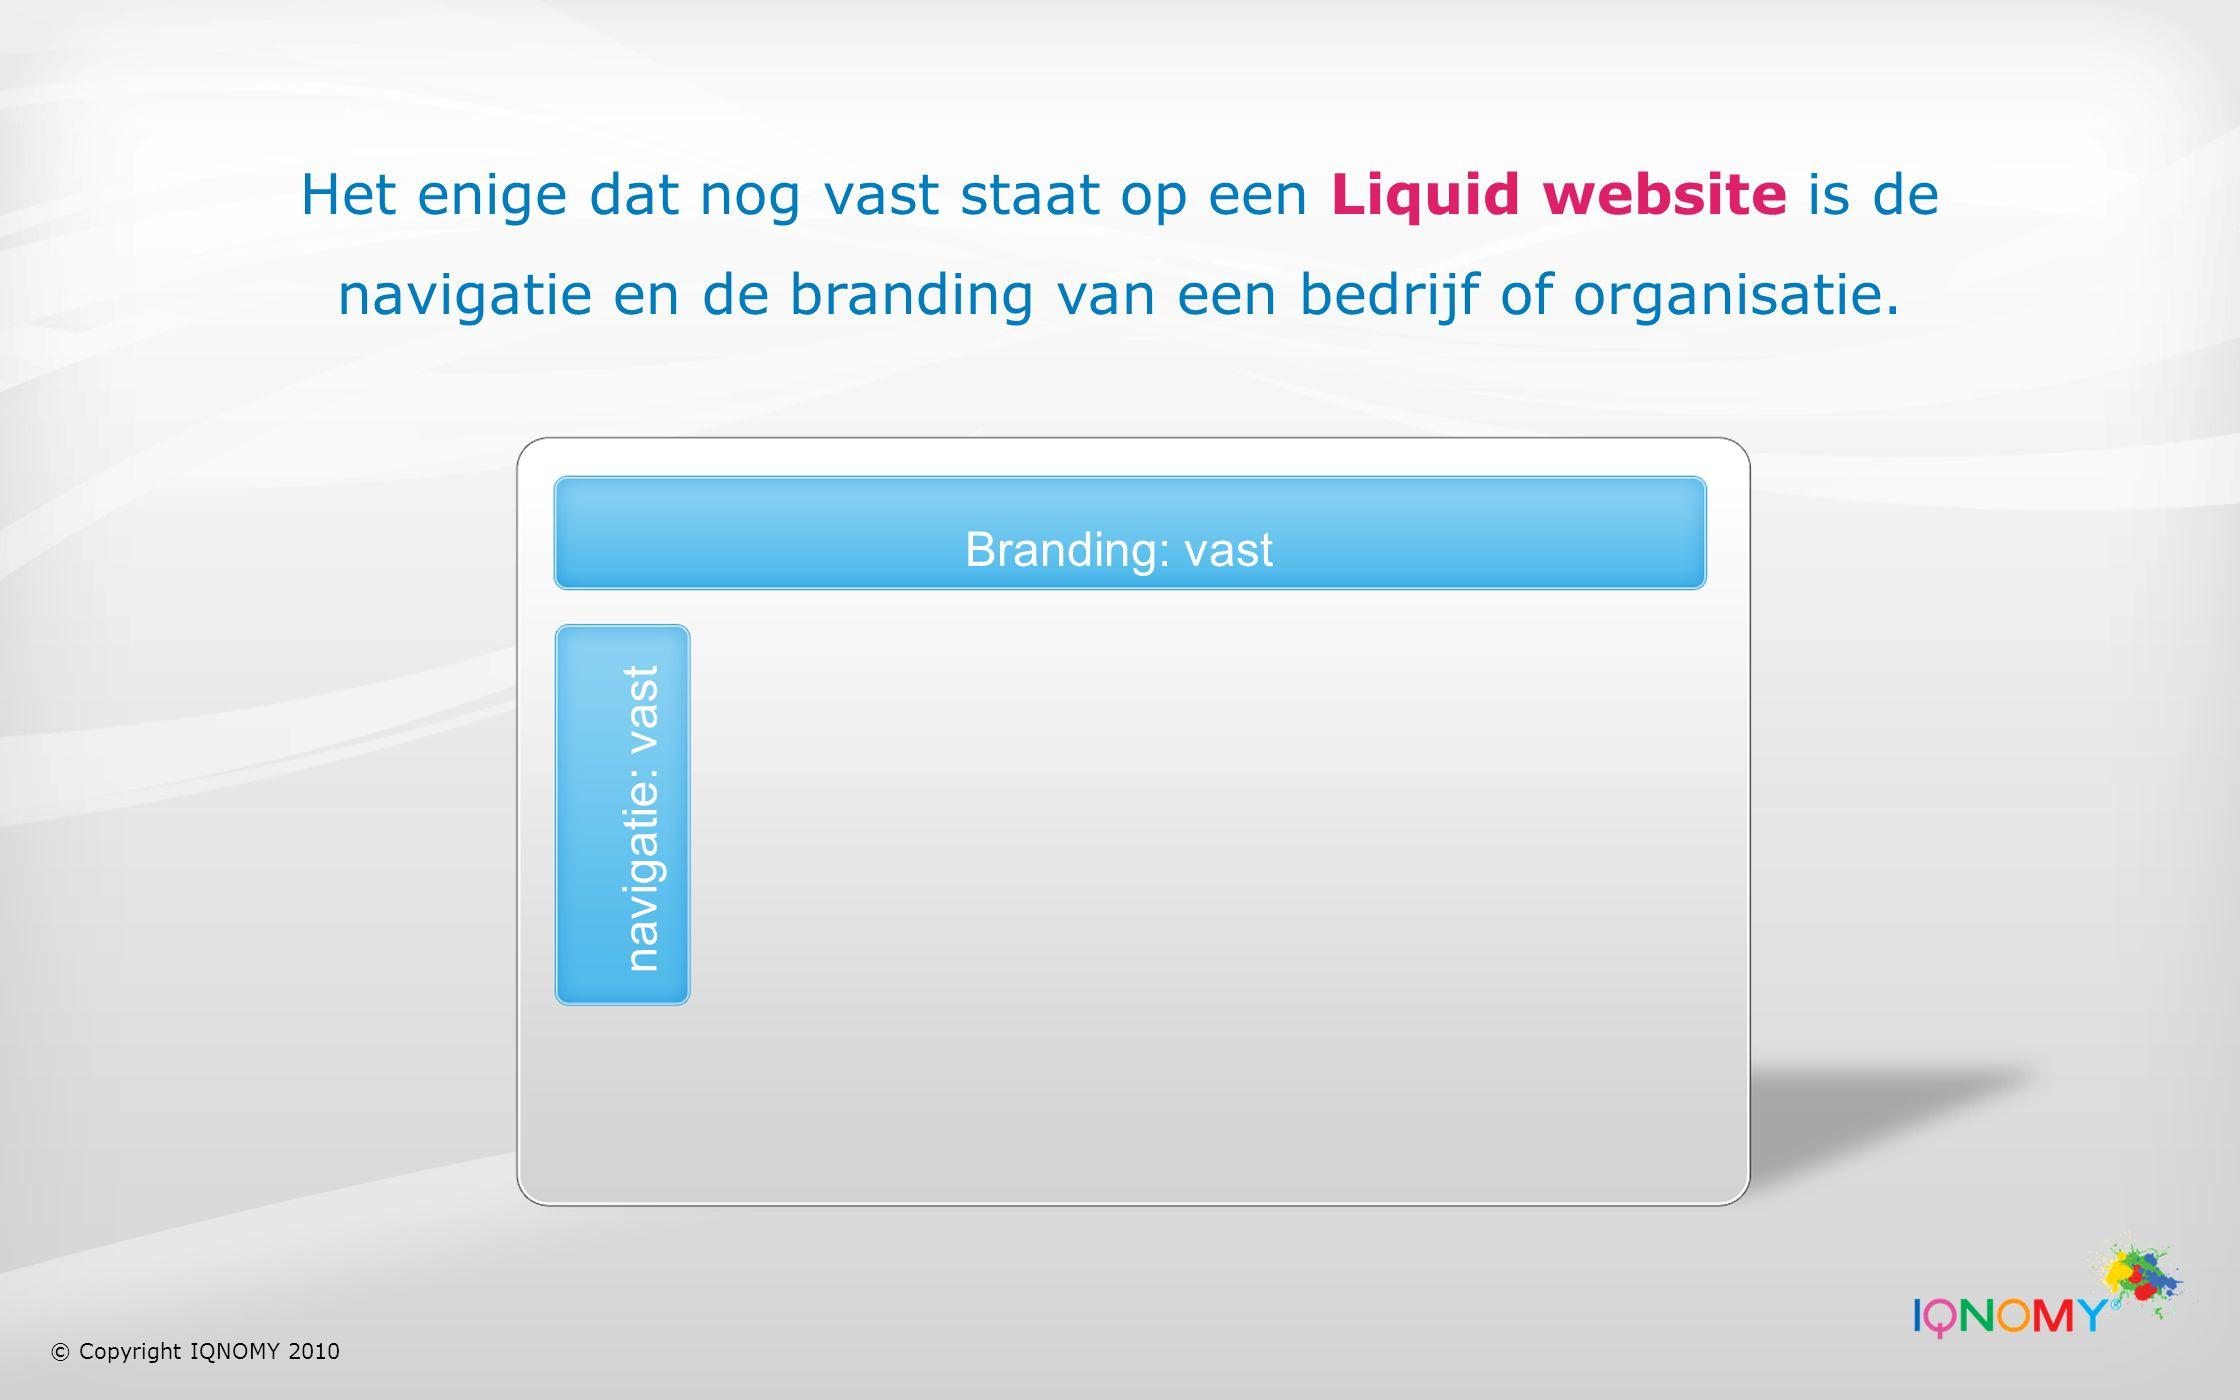 Het enige dat nog vast staat op een Liquid website is de navigatie en de branding van een bedrijf of organisatie.